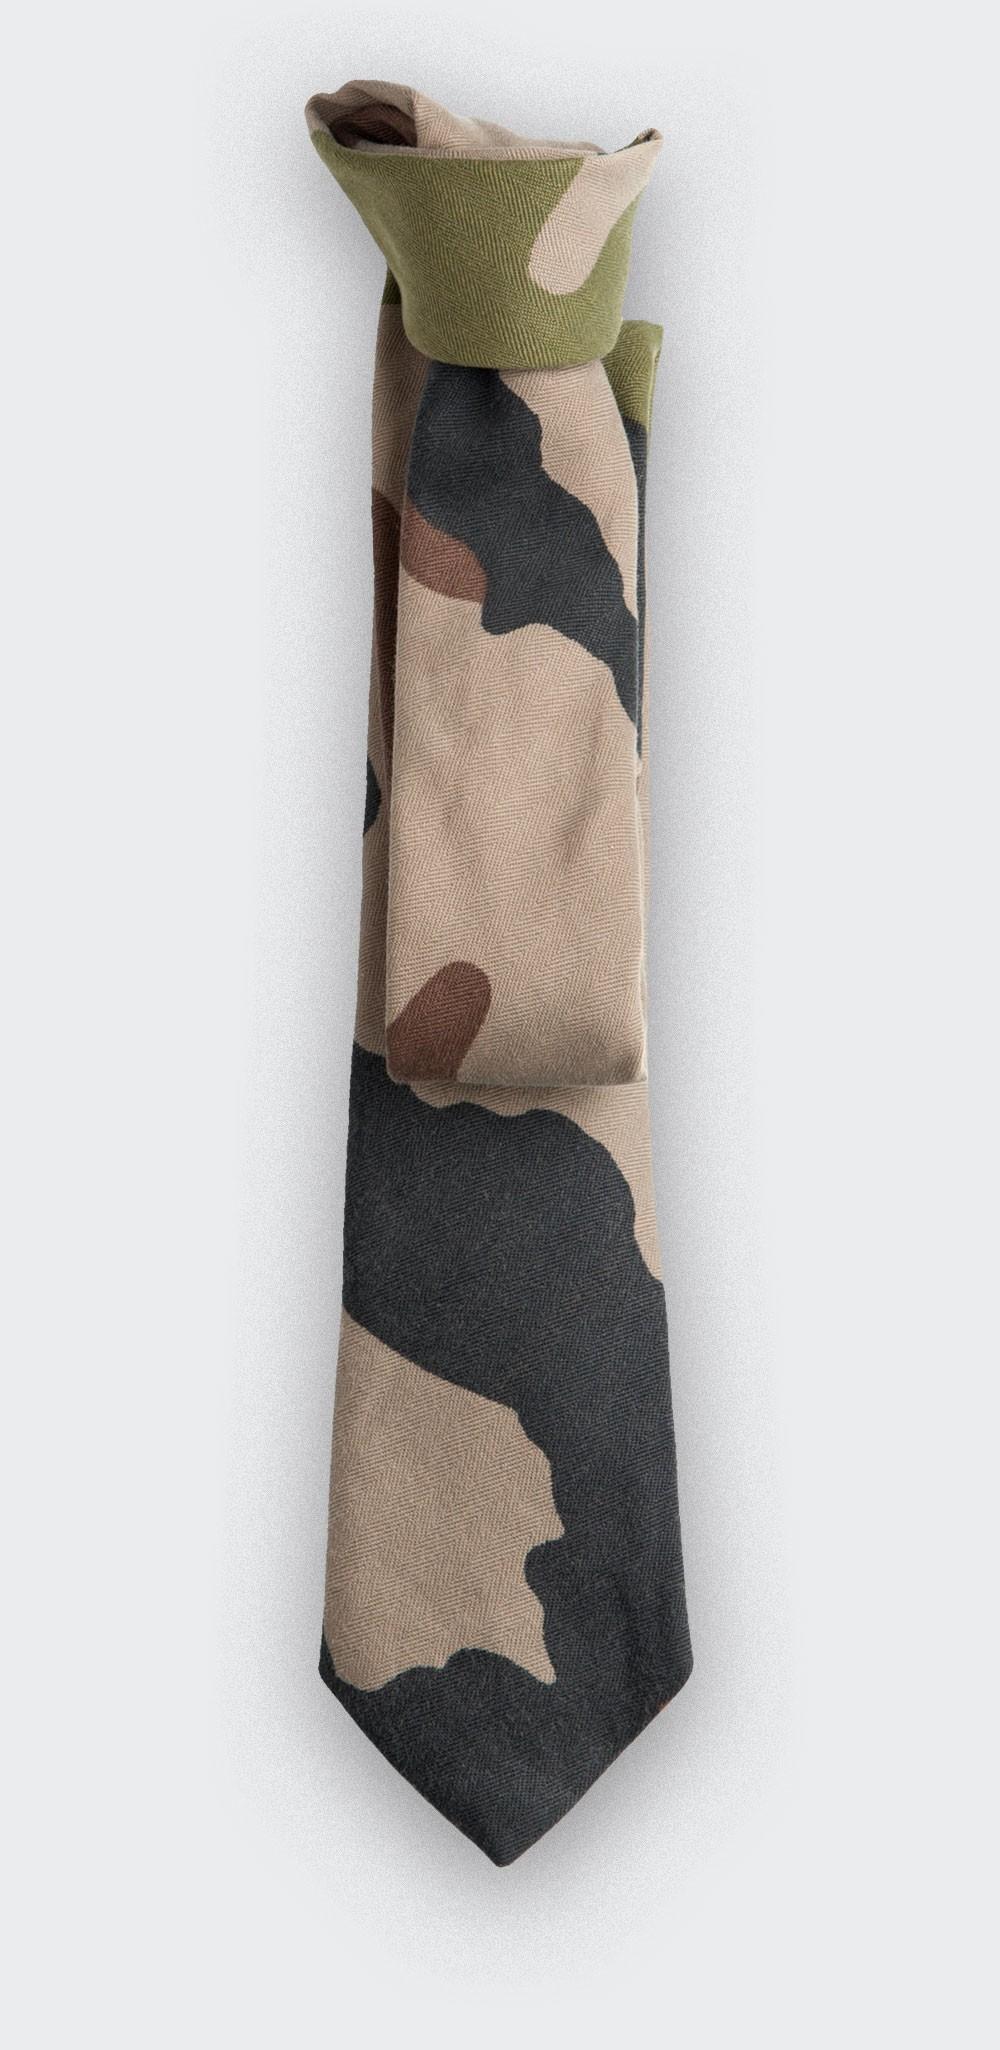 Tie Opex Camo - cotton - handmade in France by CINABRE Paris